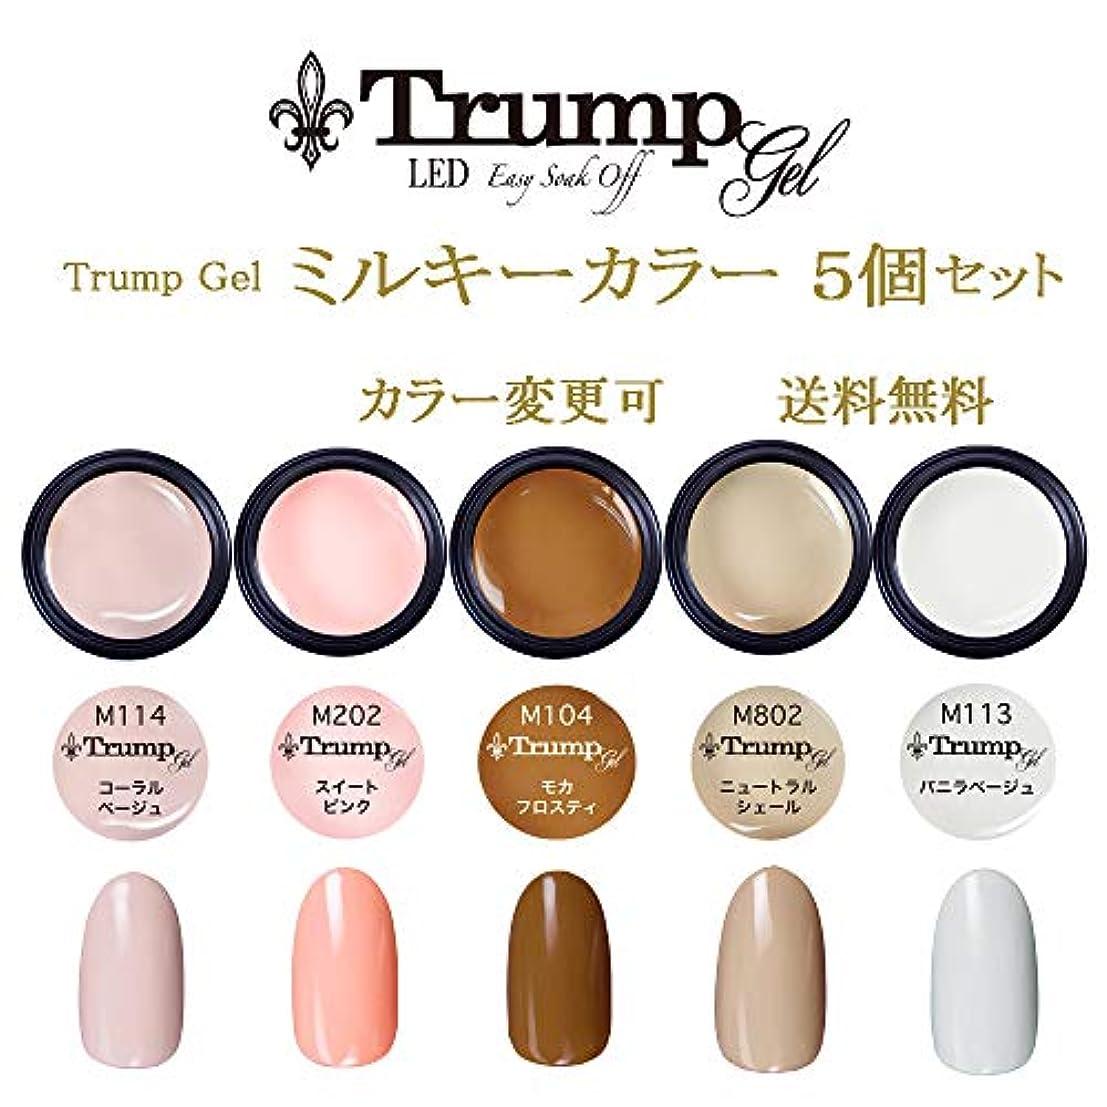 証言辛な動作【送料無料】日本製 Trump gel トランプジェル ミルキーカラー 選べる カラージェル 5個セット ミルキーネイル ベージュ ピンク ミルキー カラー